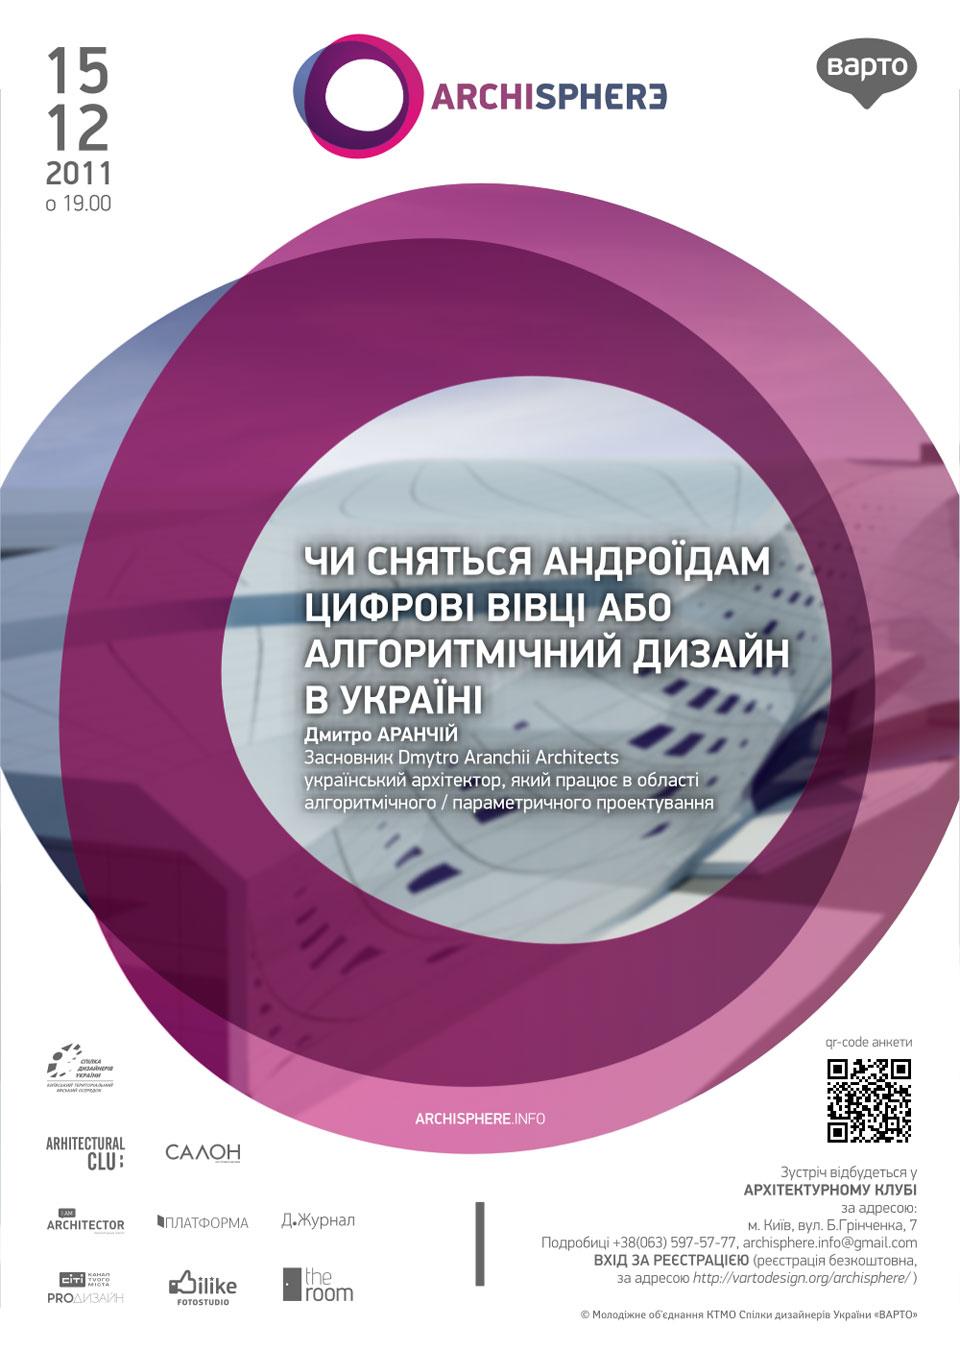 Параметрична архітектура - лекція Дмитра Аранчія